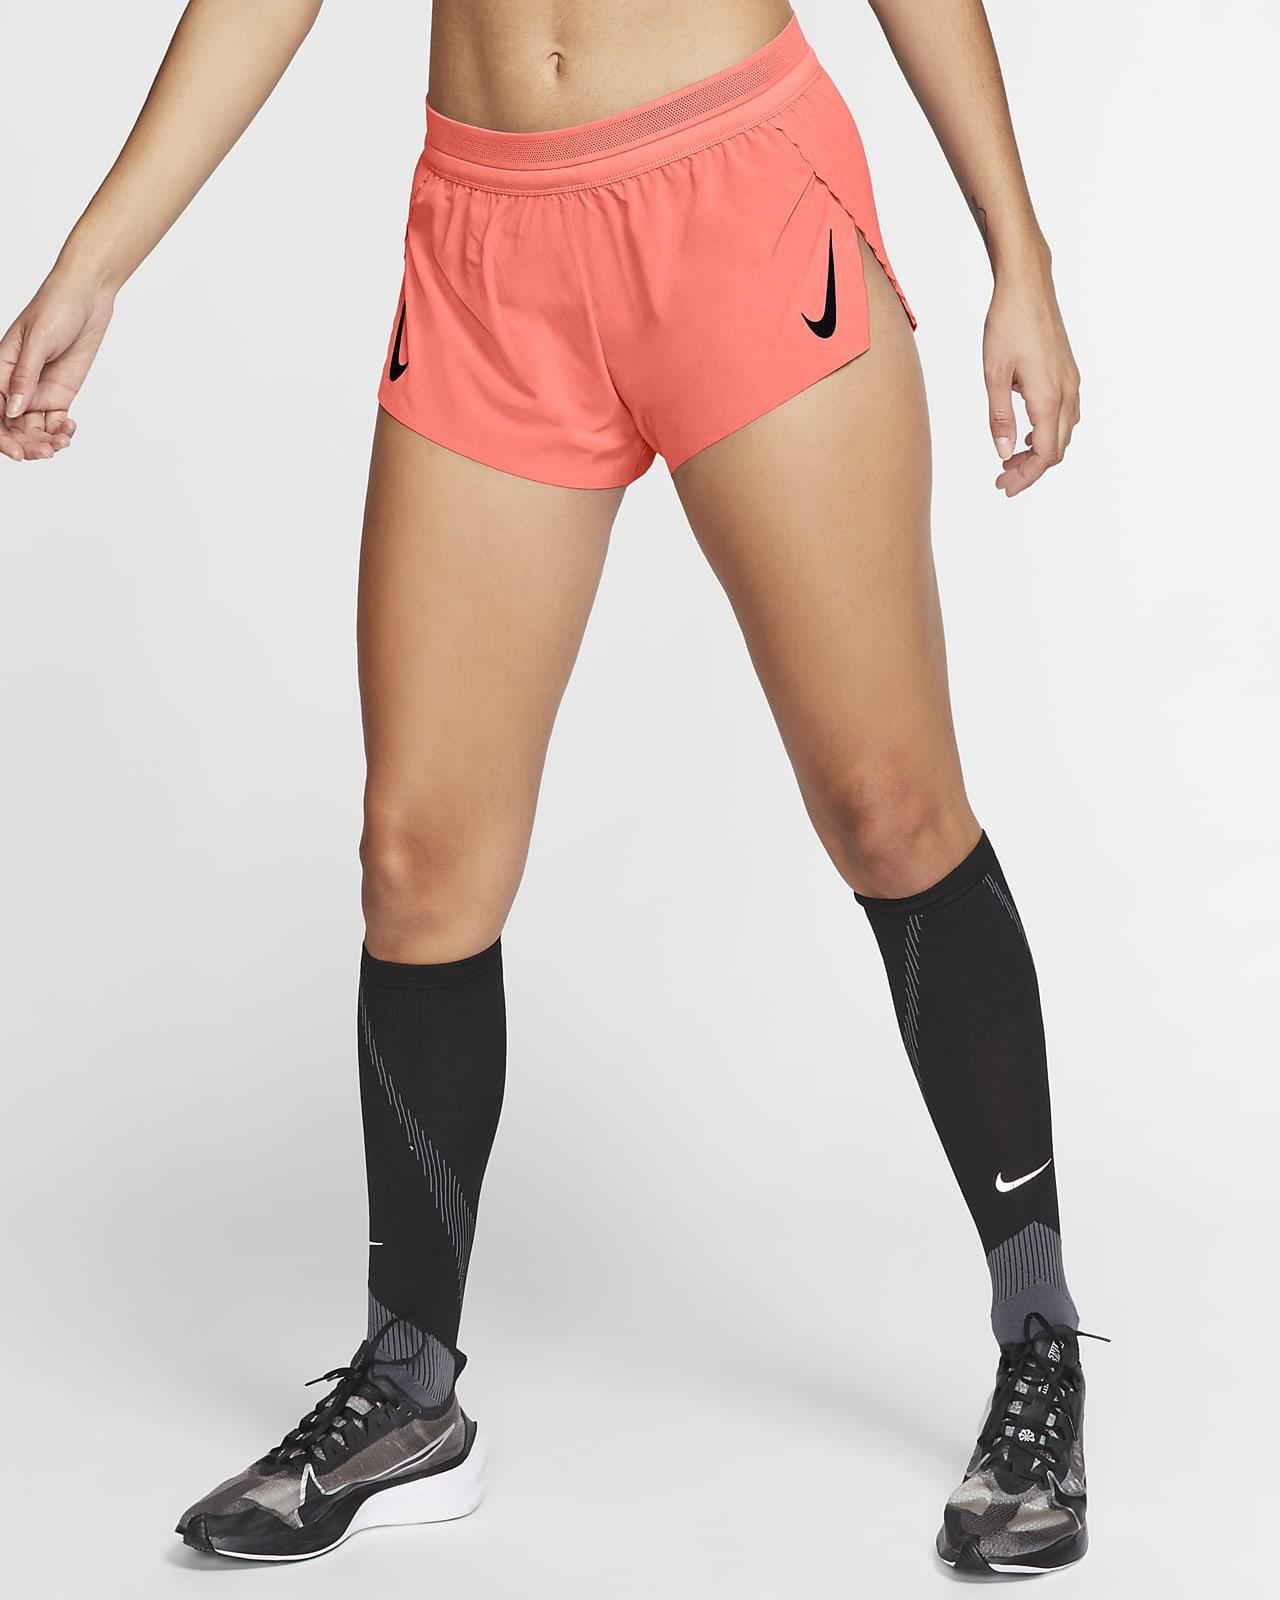 กางเกงวิ่งขาสั้น 2 นิ้วผู้หญิง Nike AeroSwift